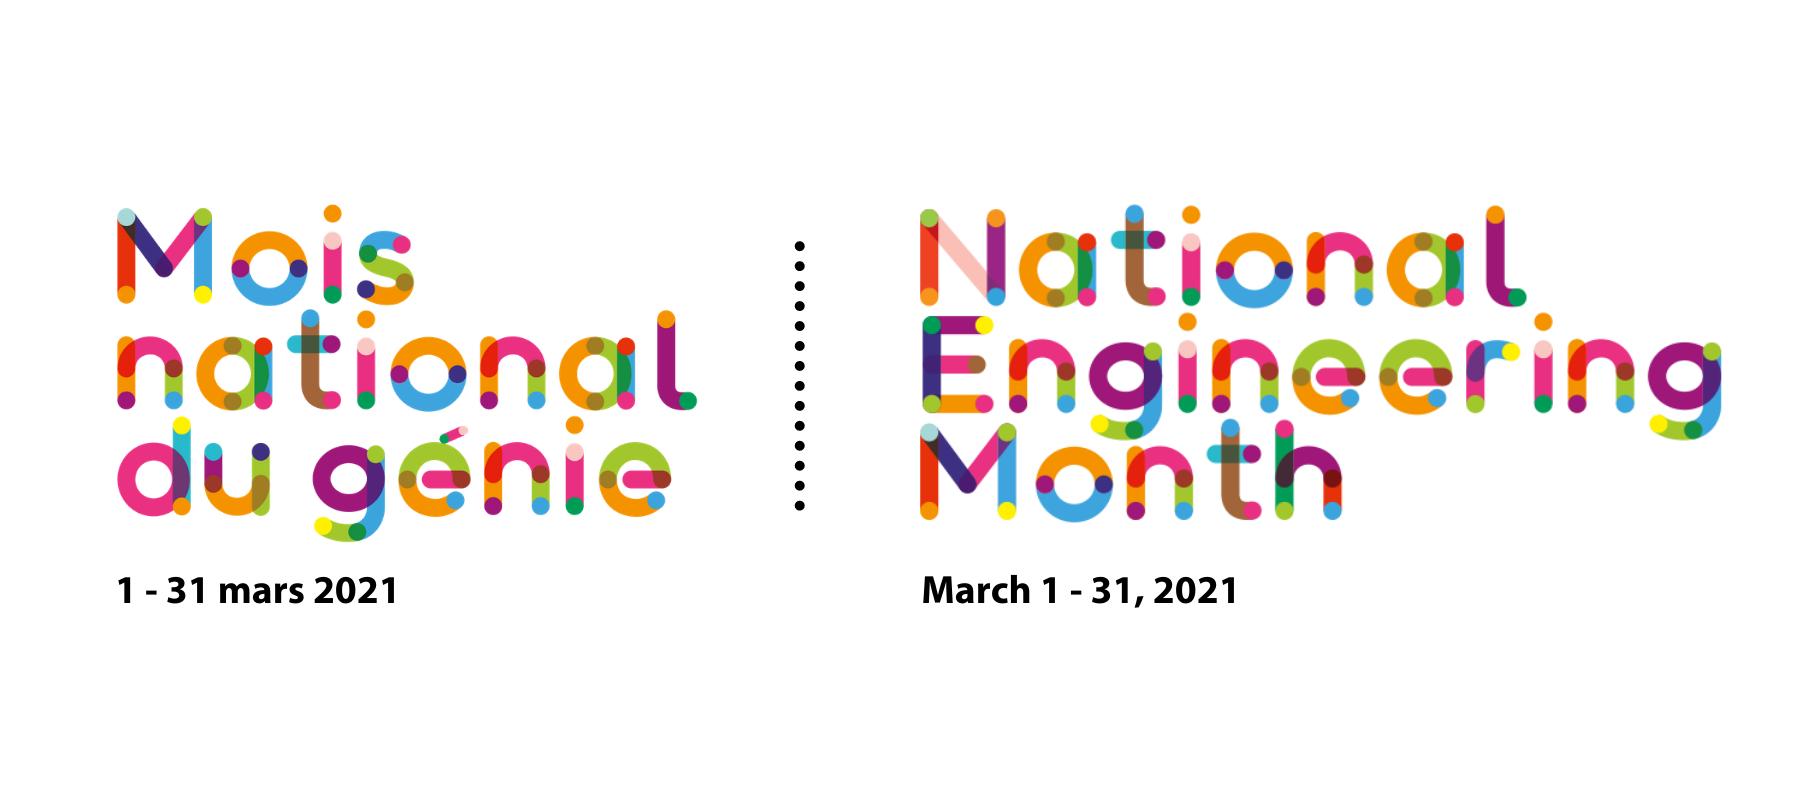 Mois national du génie - 1 au 31 mars 2021